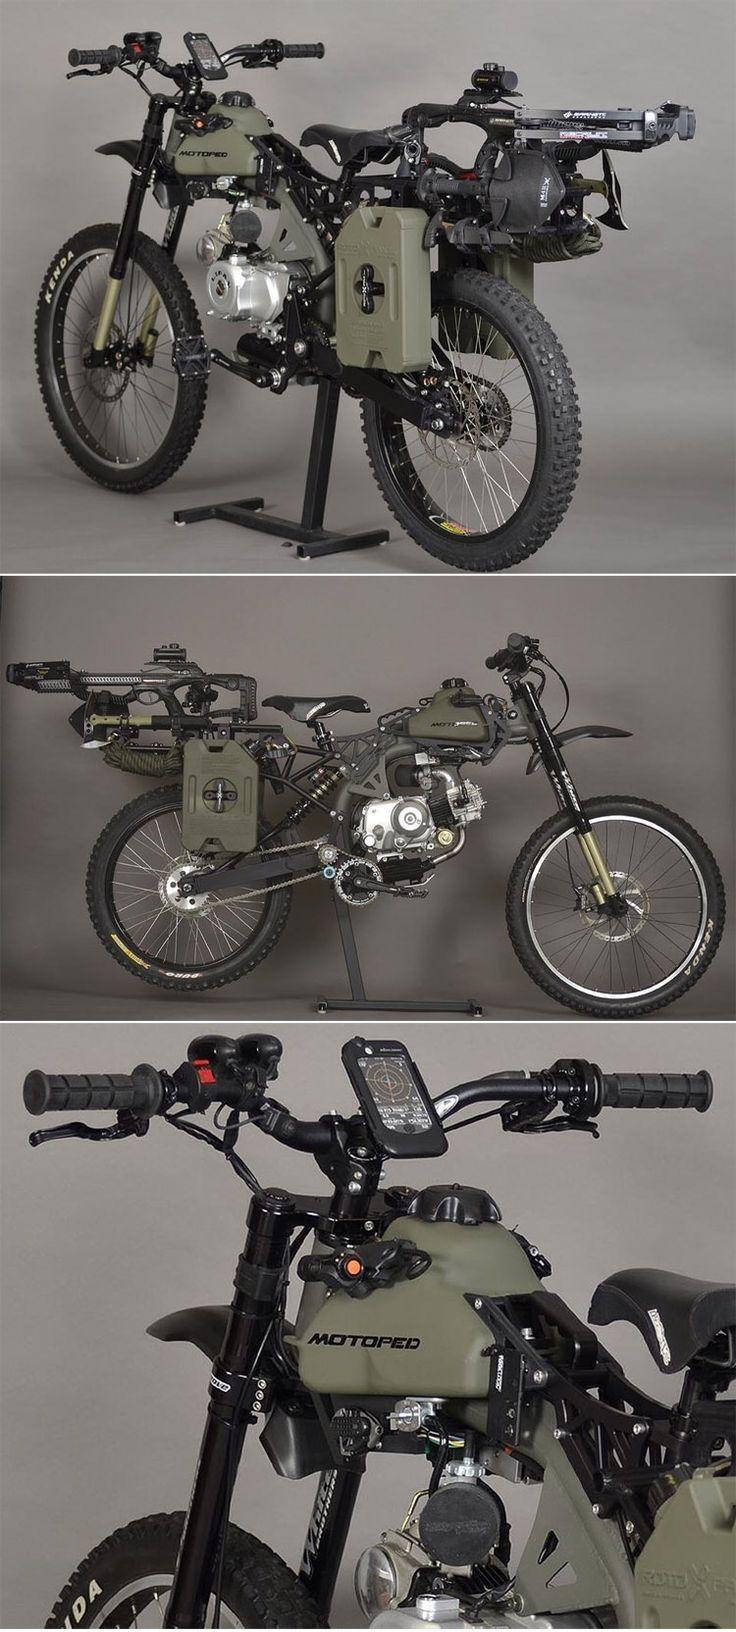 Motopeds Survival Bike : Black Opps Edition